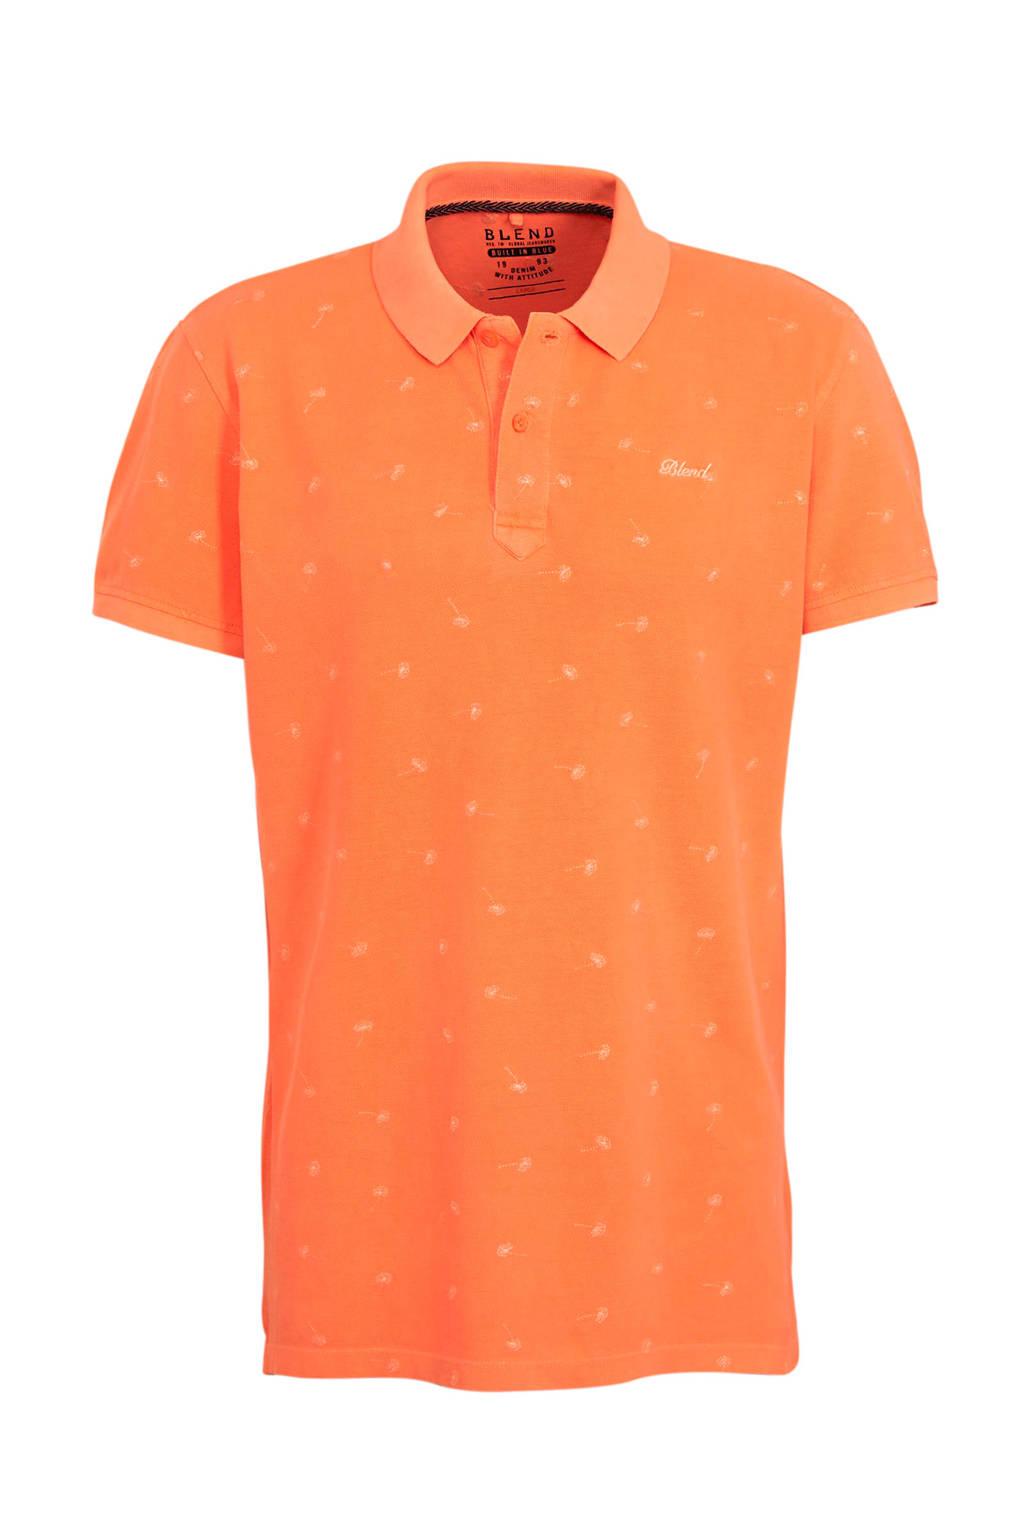 Blend slim fit polo oranje, Oranje